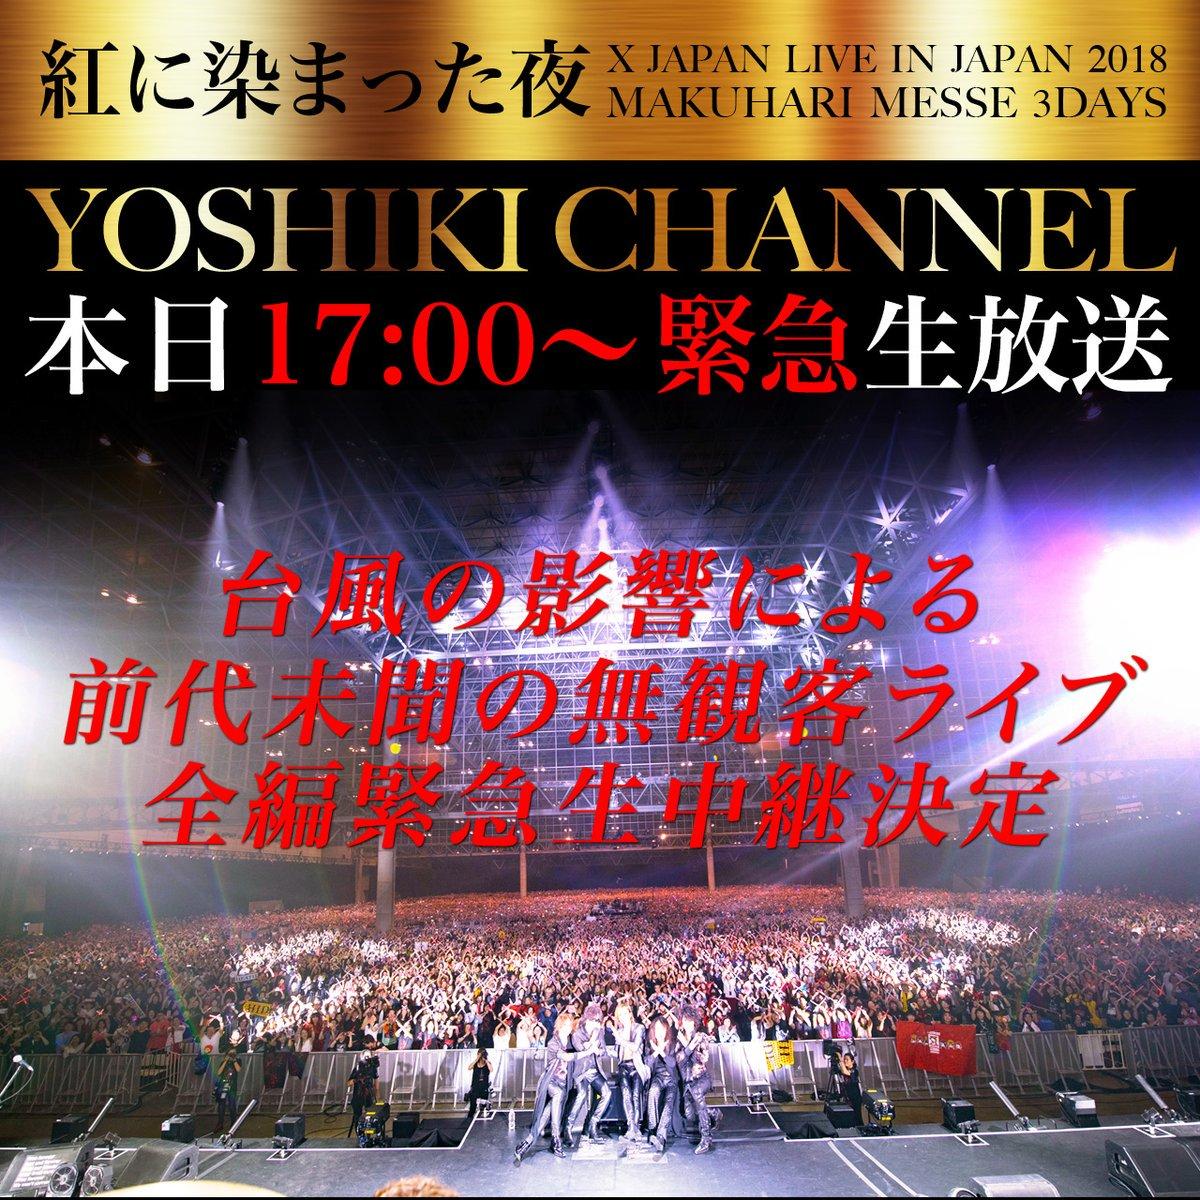 無観客ライブ。皆さん無事に帰宅して、観てください。 みんなに元気を与えられるように頑張ります。 RT【本日17時〜緊急生放送決定】 33,000人ソールドアウト#XJAPANの日本公演 台風の影響で公演中止を発表。  前代未聞の無観客ライブを全編緊急生中継決定 ! https://t.co/eaL43fQnh3